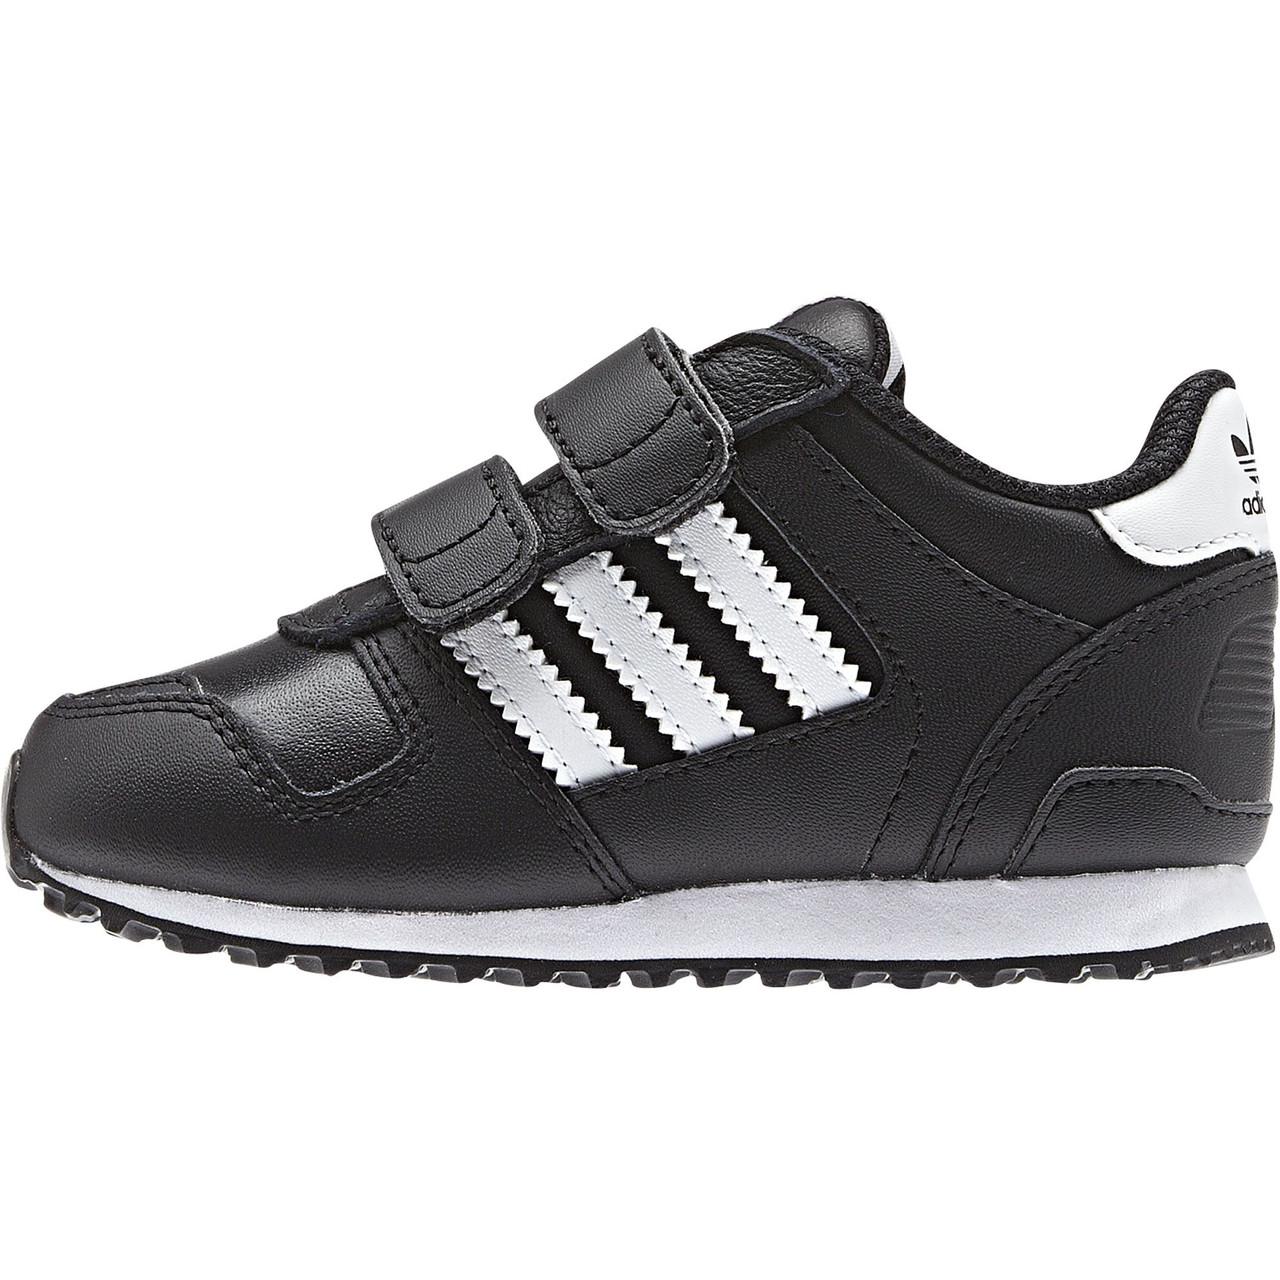 Детские кроссовки Adidas ZX 700 (Артикул: Q23980)